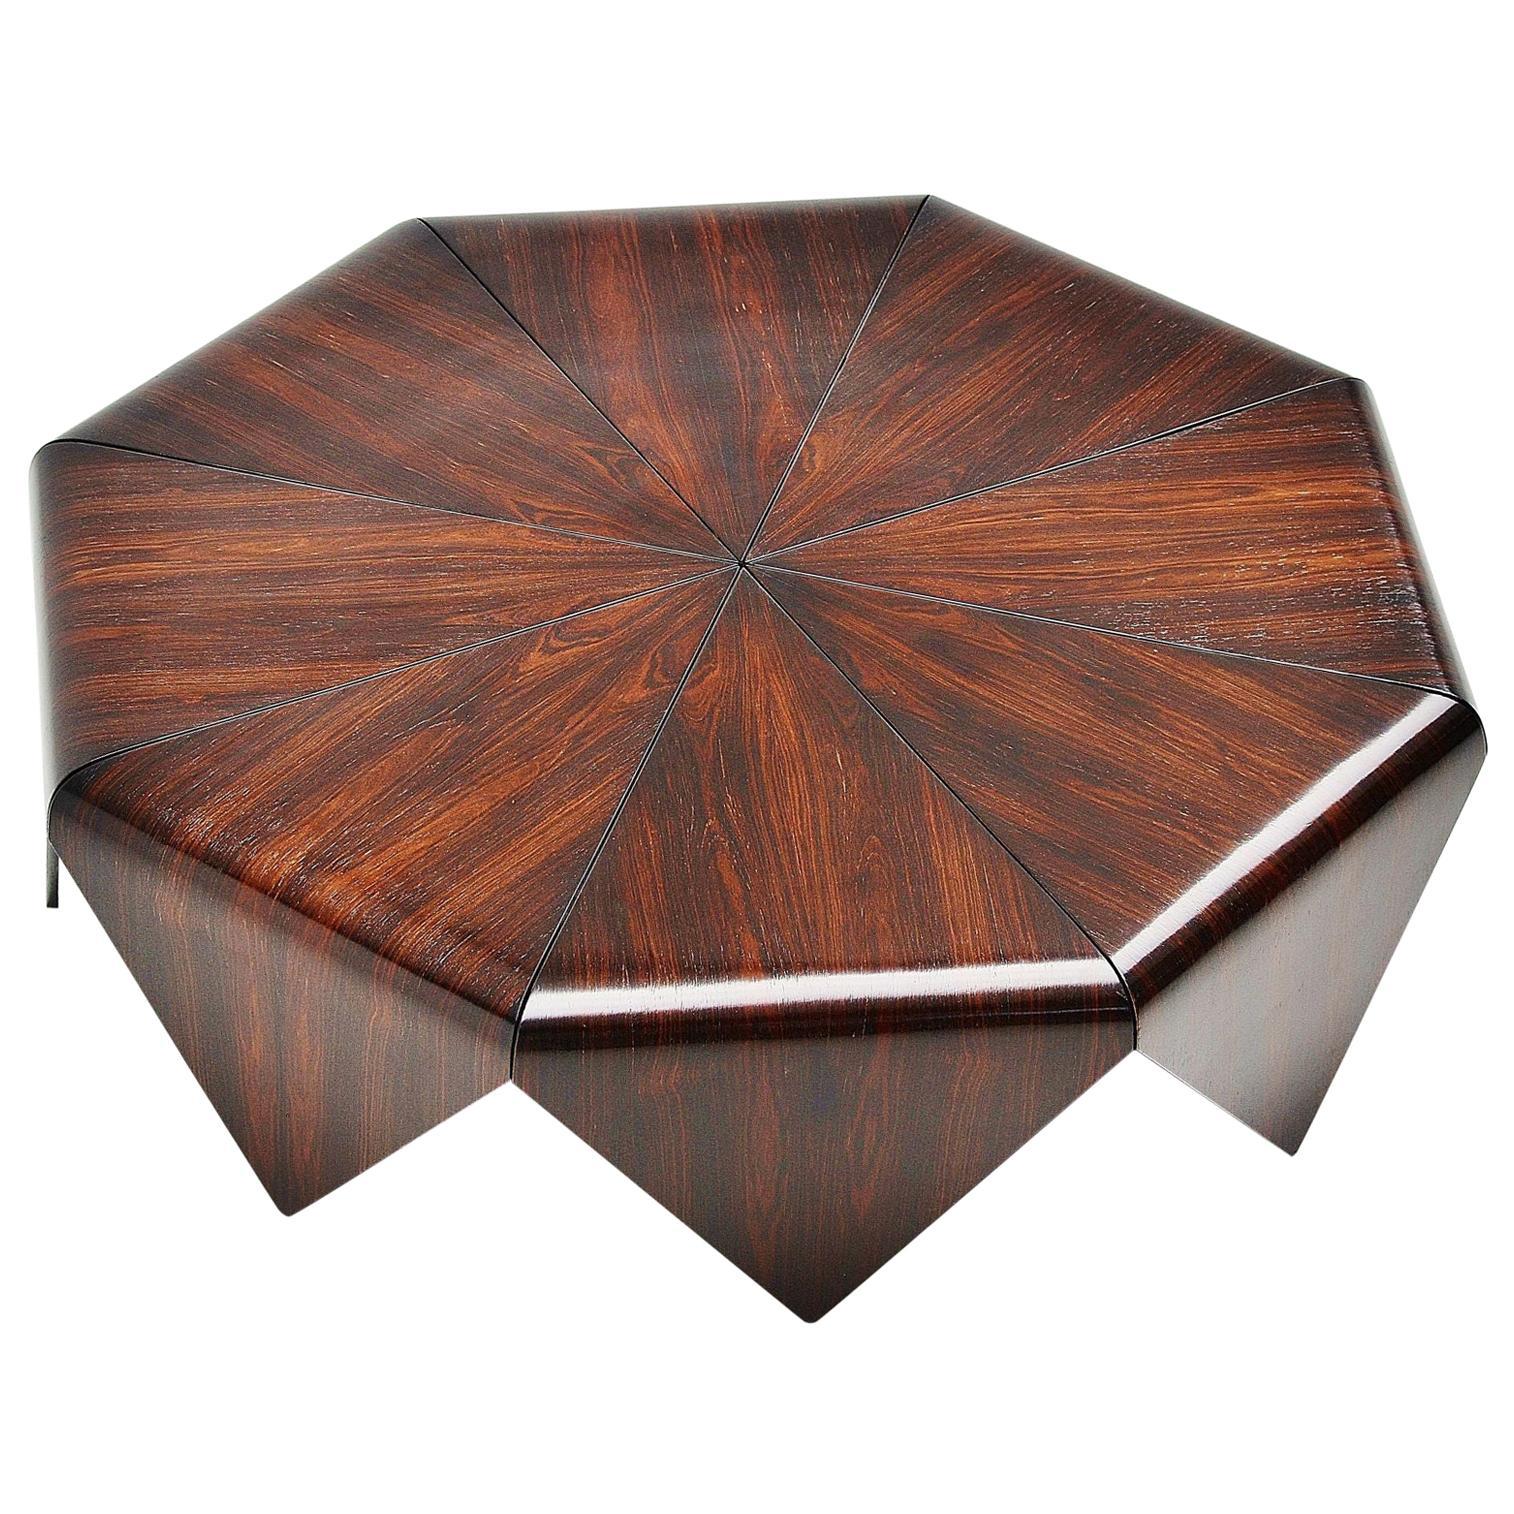 Petalas Coffee Table